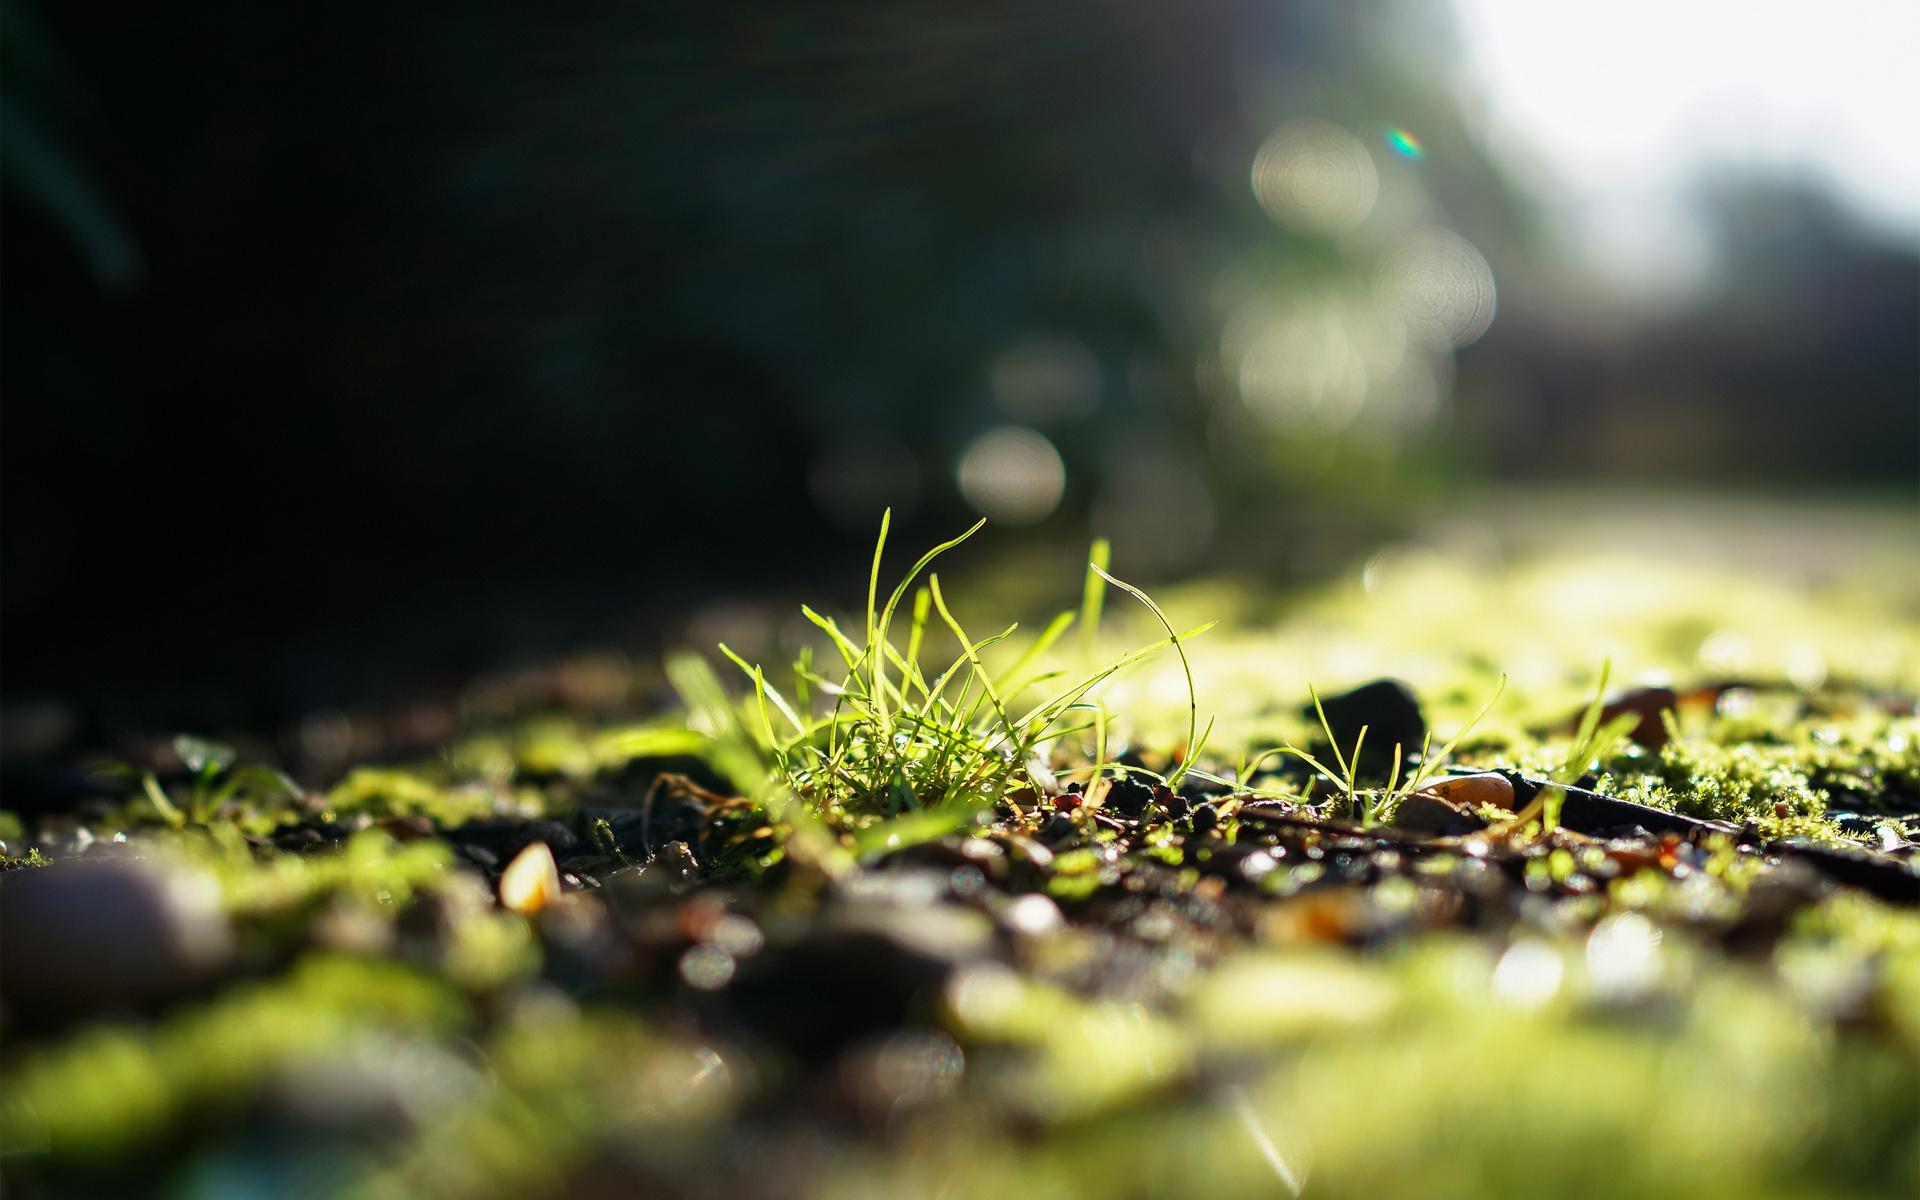 зелень, фокус, зелень, солнце, свет, Трава